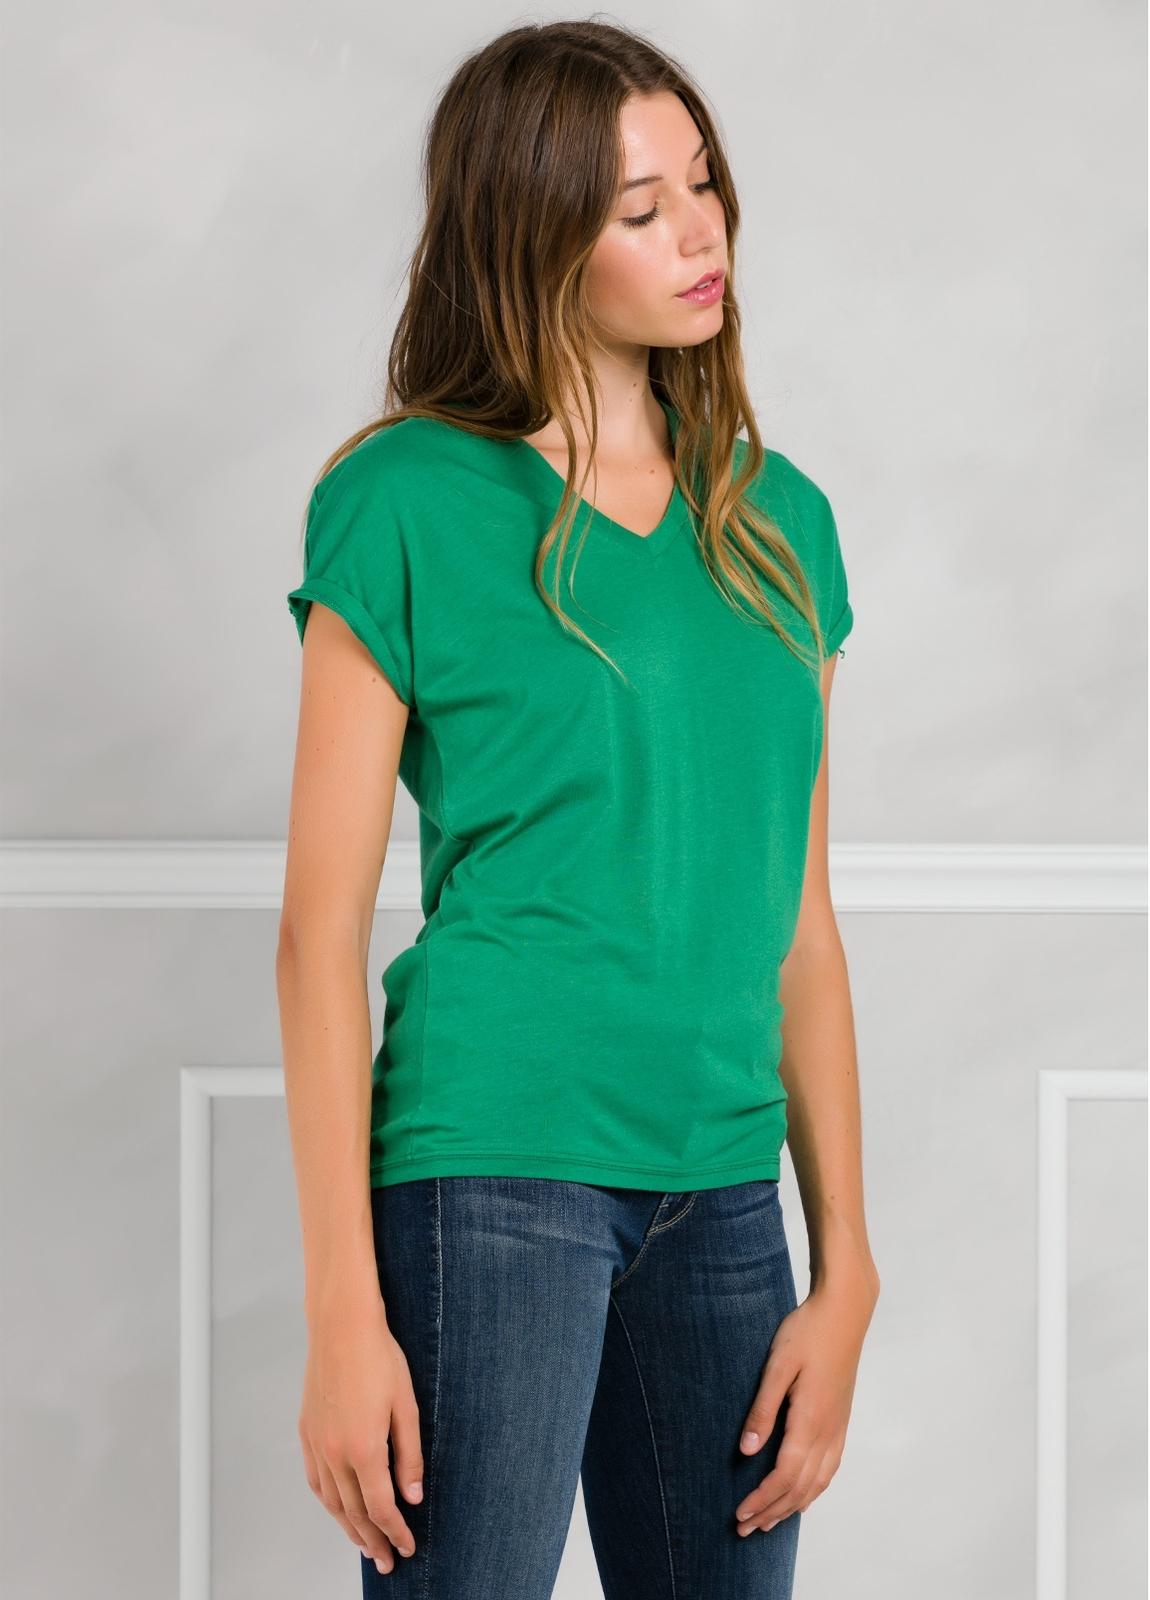 Camiseta manga corta y cuello pico color verde con estampado gráfico en espalda.